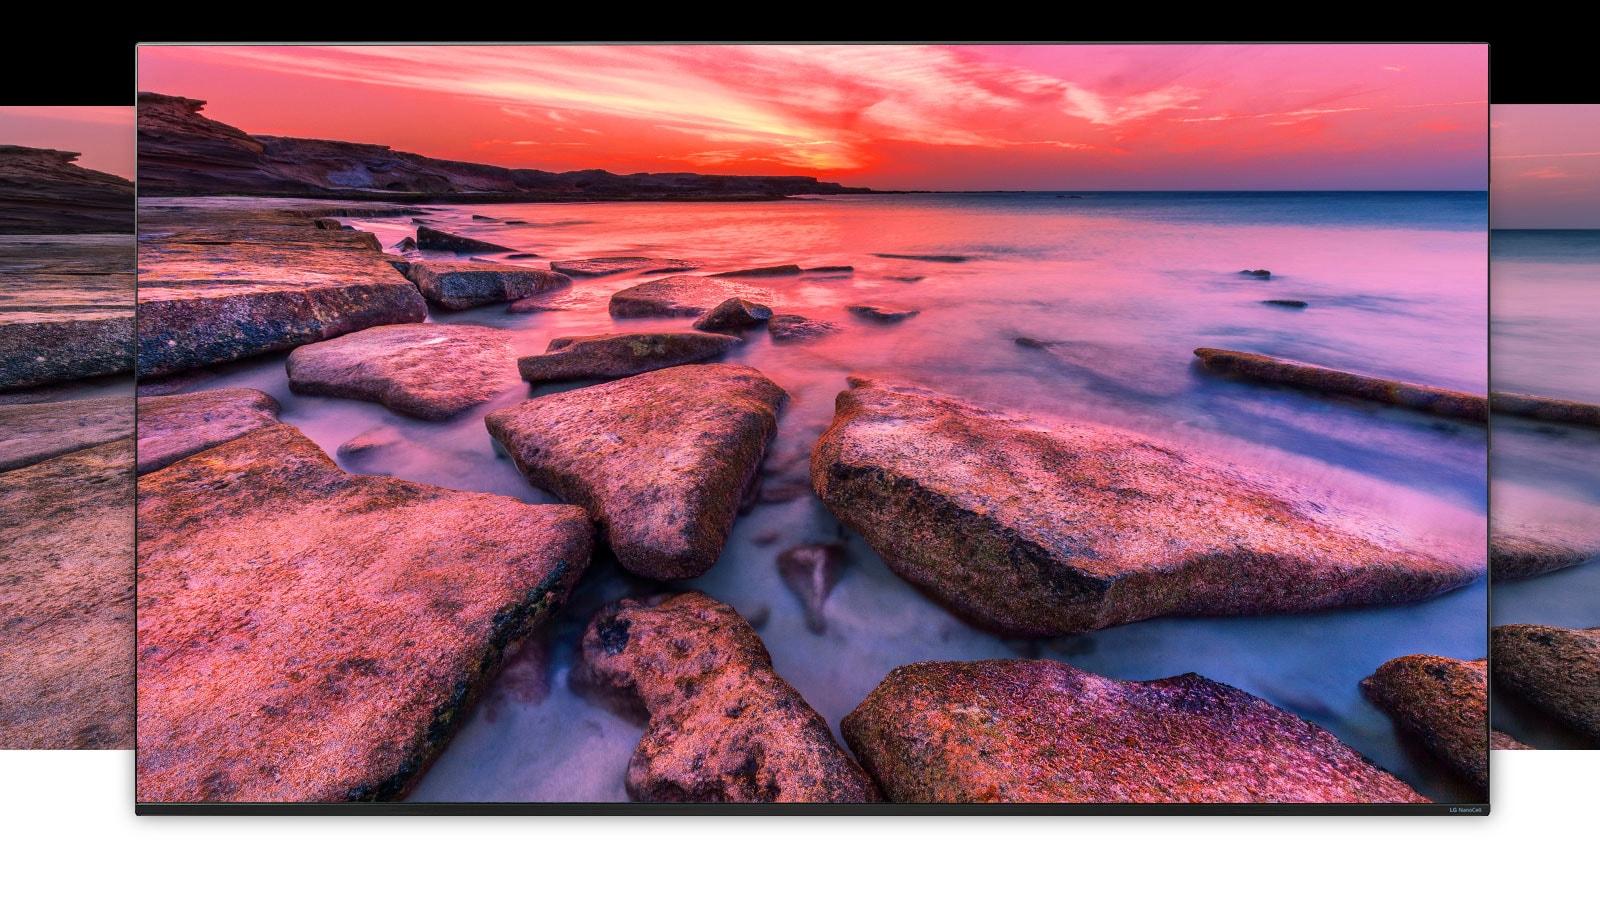 Экран телевизора, на котором показан природный пейзаж.